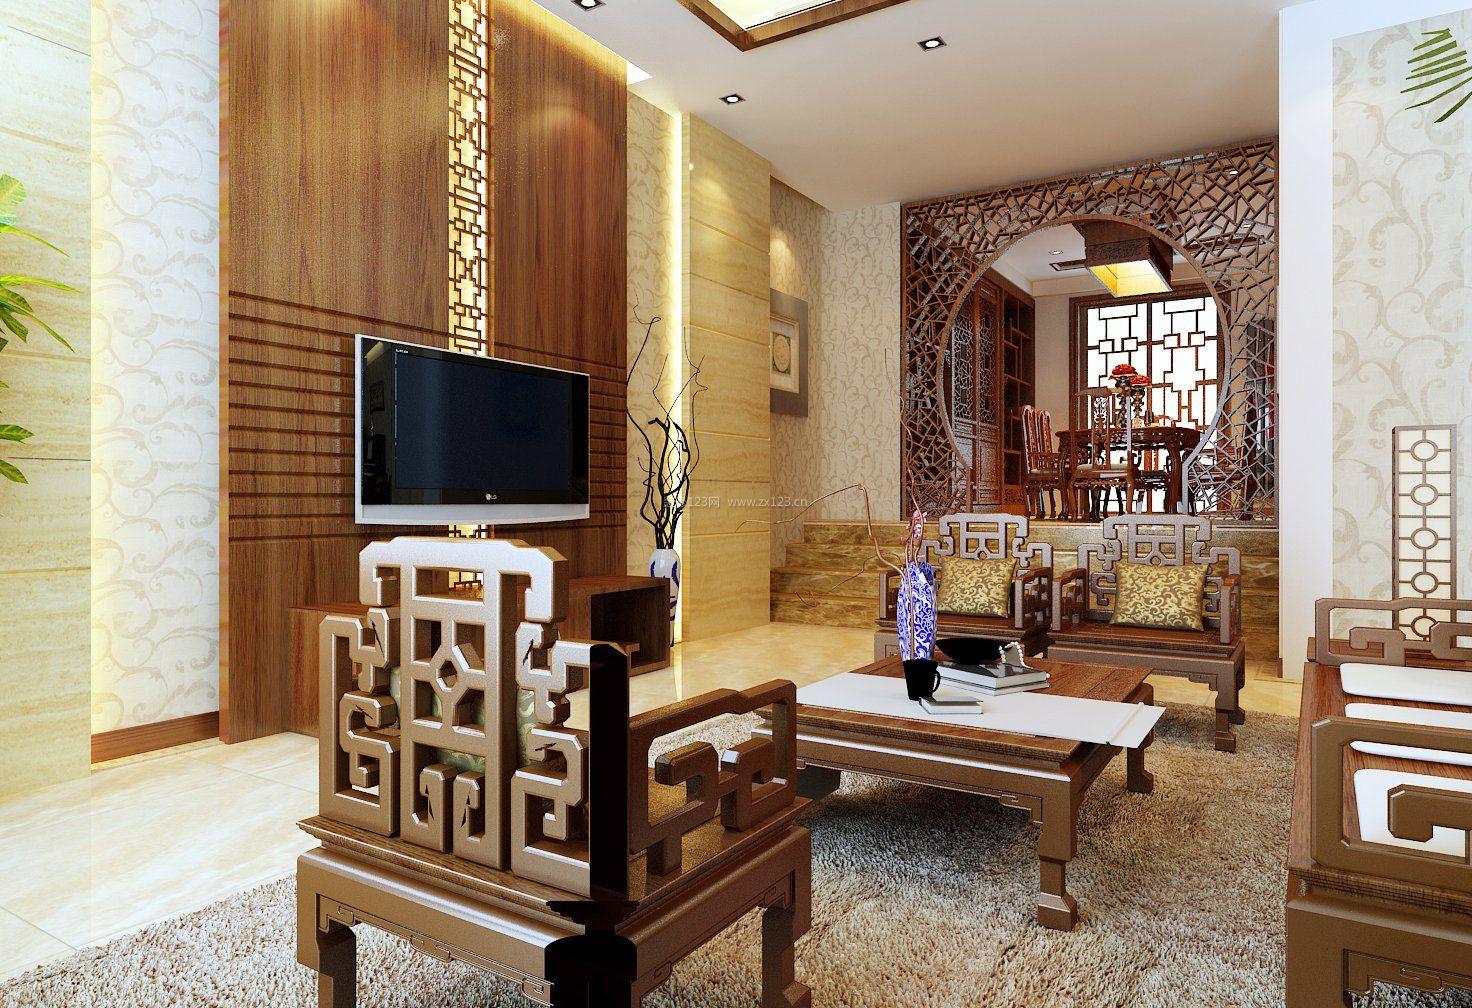 新中式装修风格室内客厅电视墙设计图图片